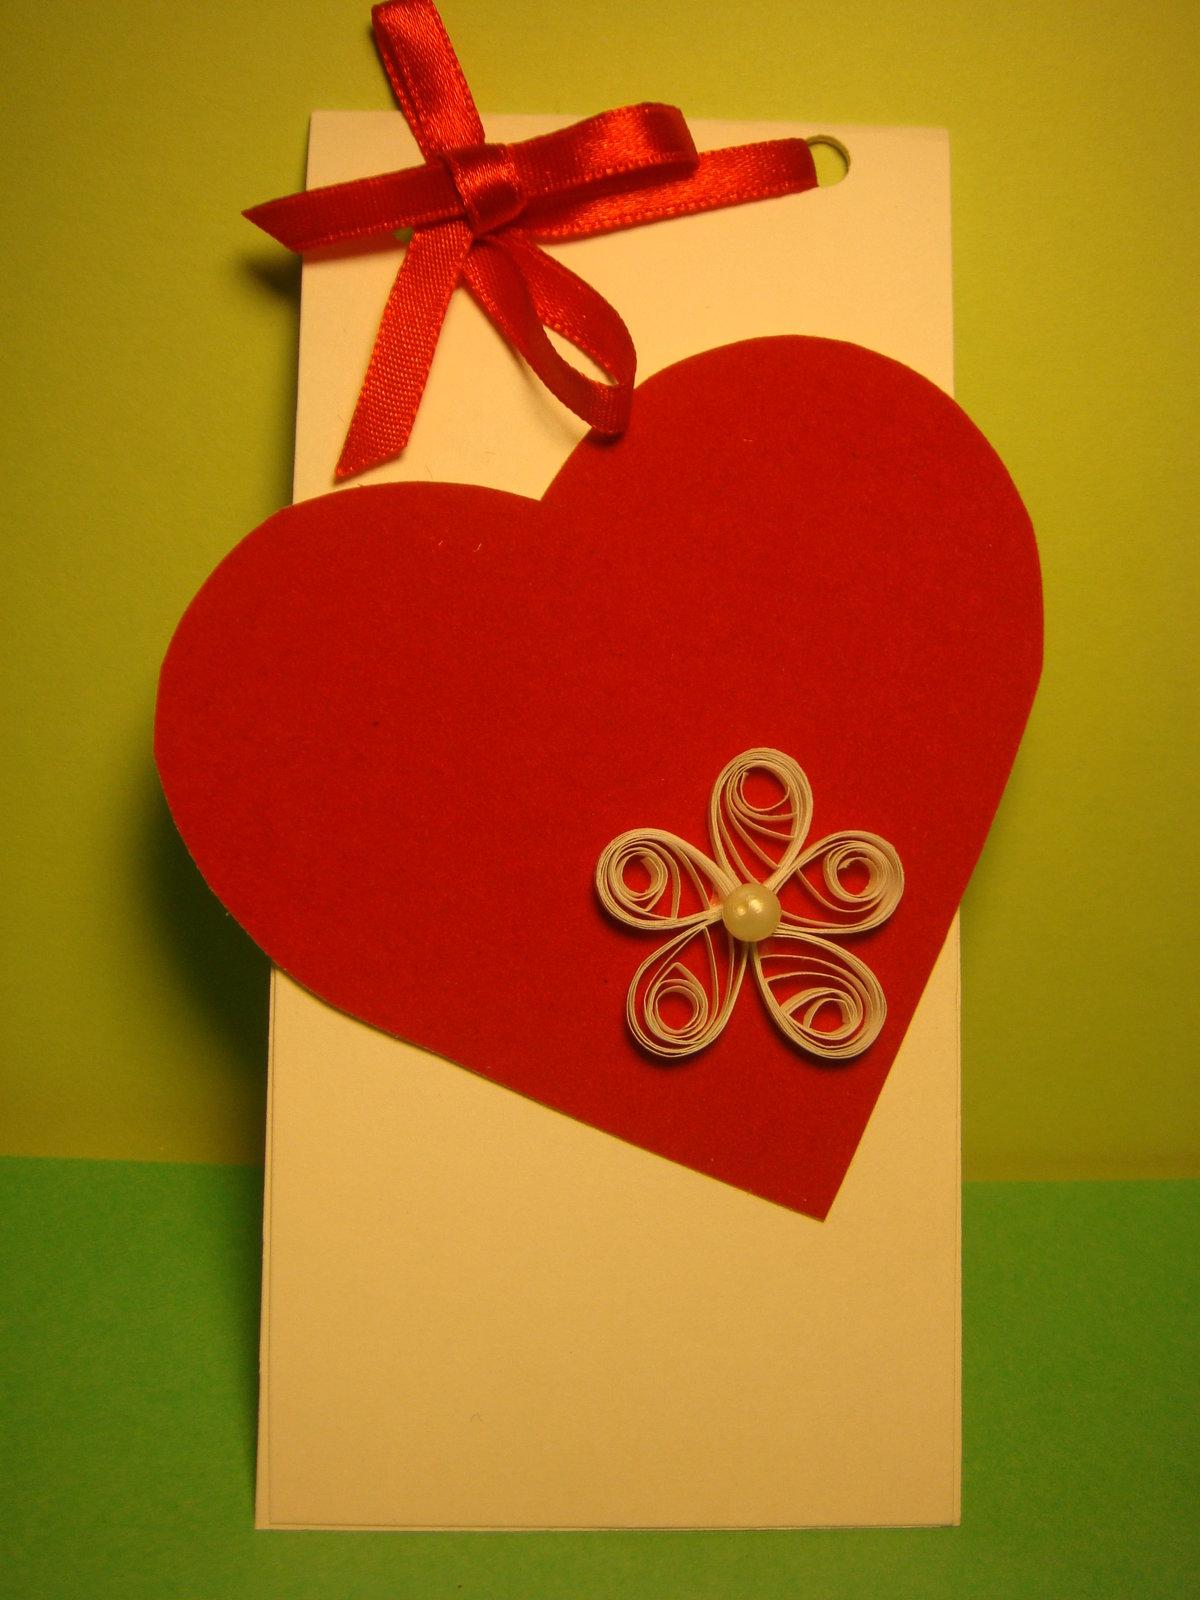 Открытки для святого валентина для мамы, открыток квиллингом прикольные